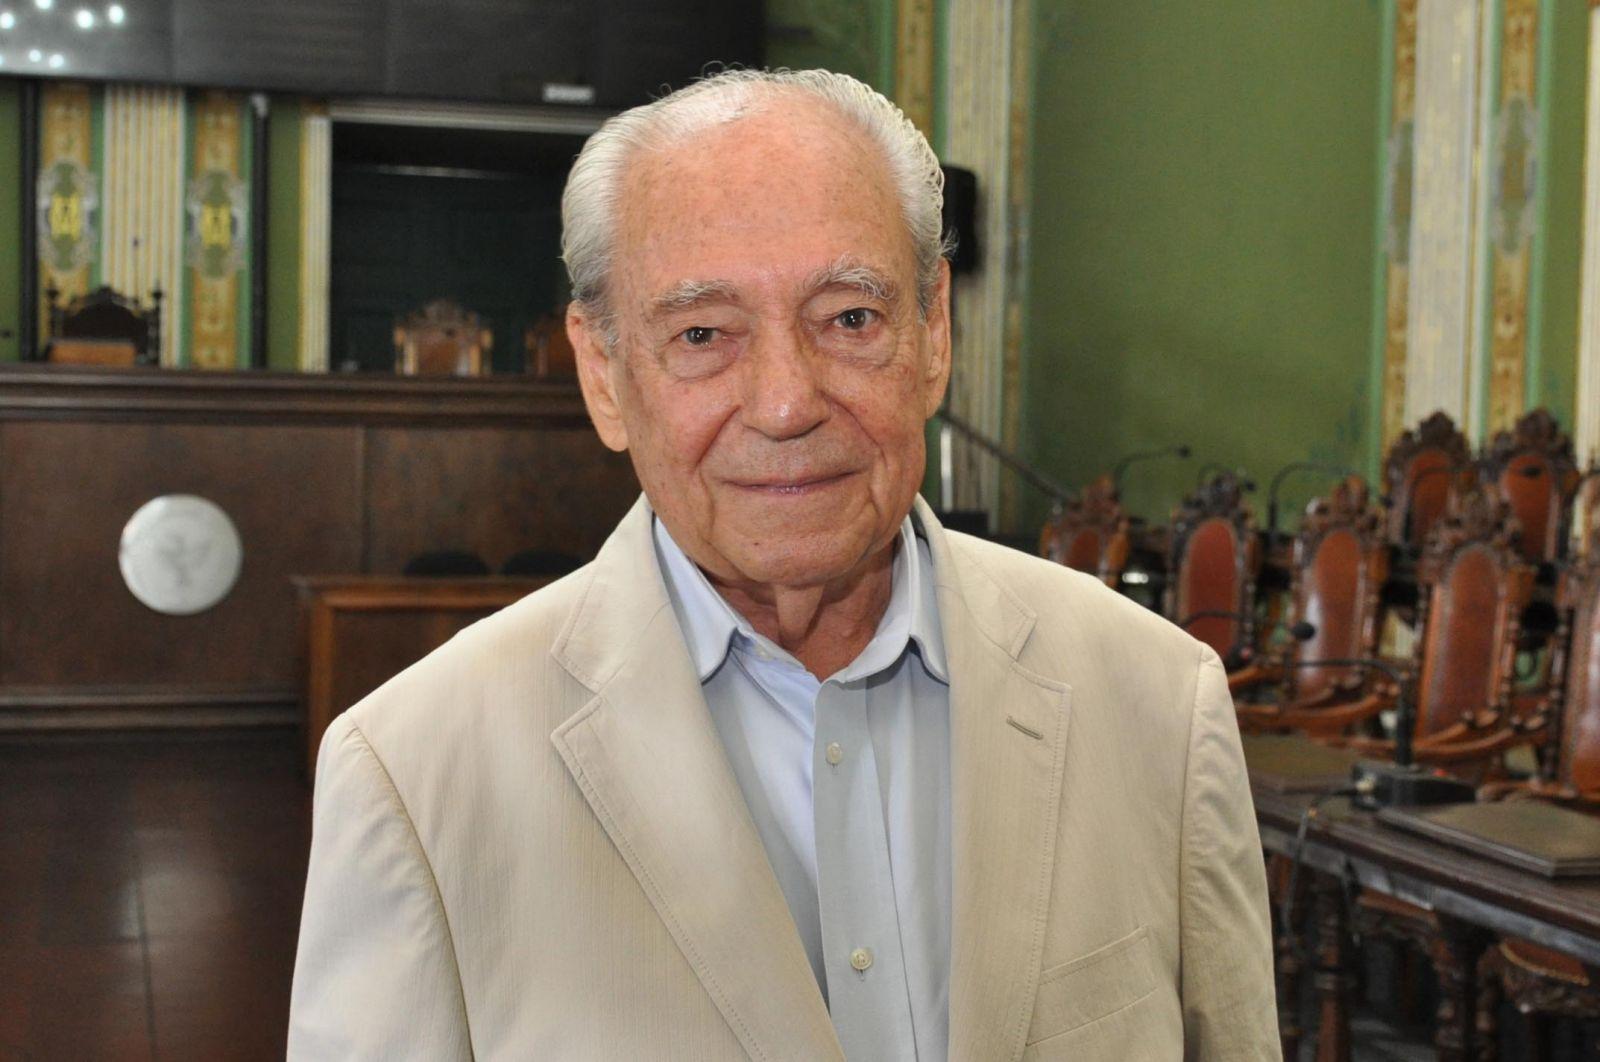 Morre Waldir Pires, ex-governador da Bahia às 10h da manhã de hoje 22 de junho